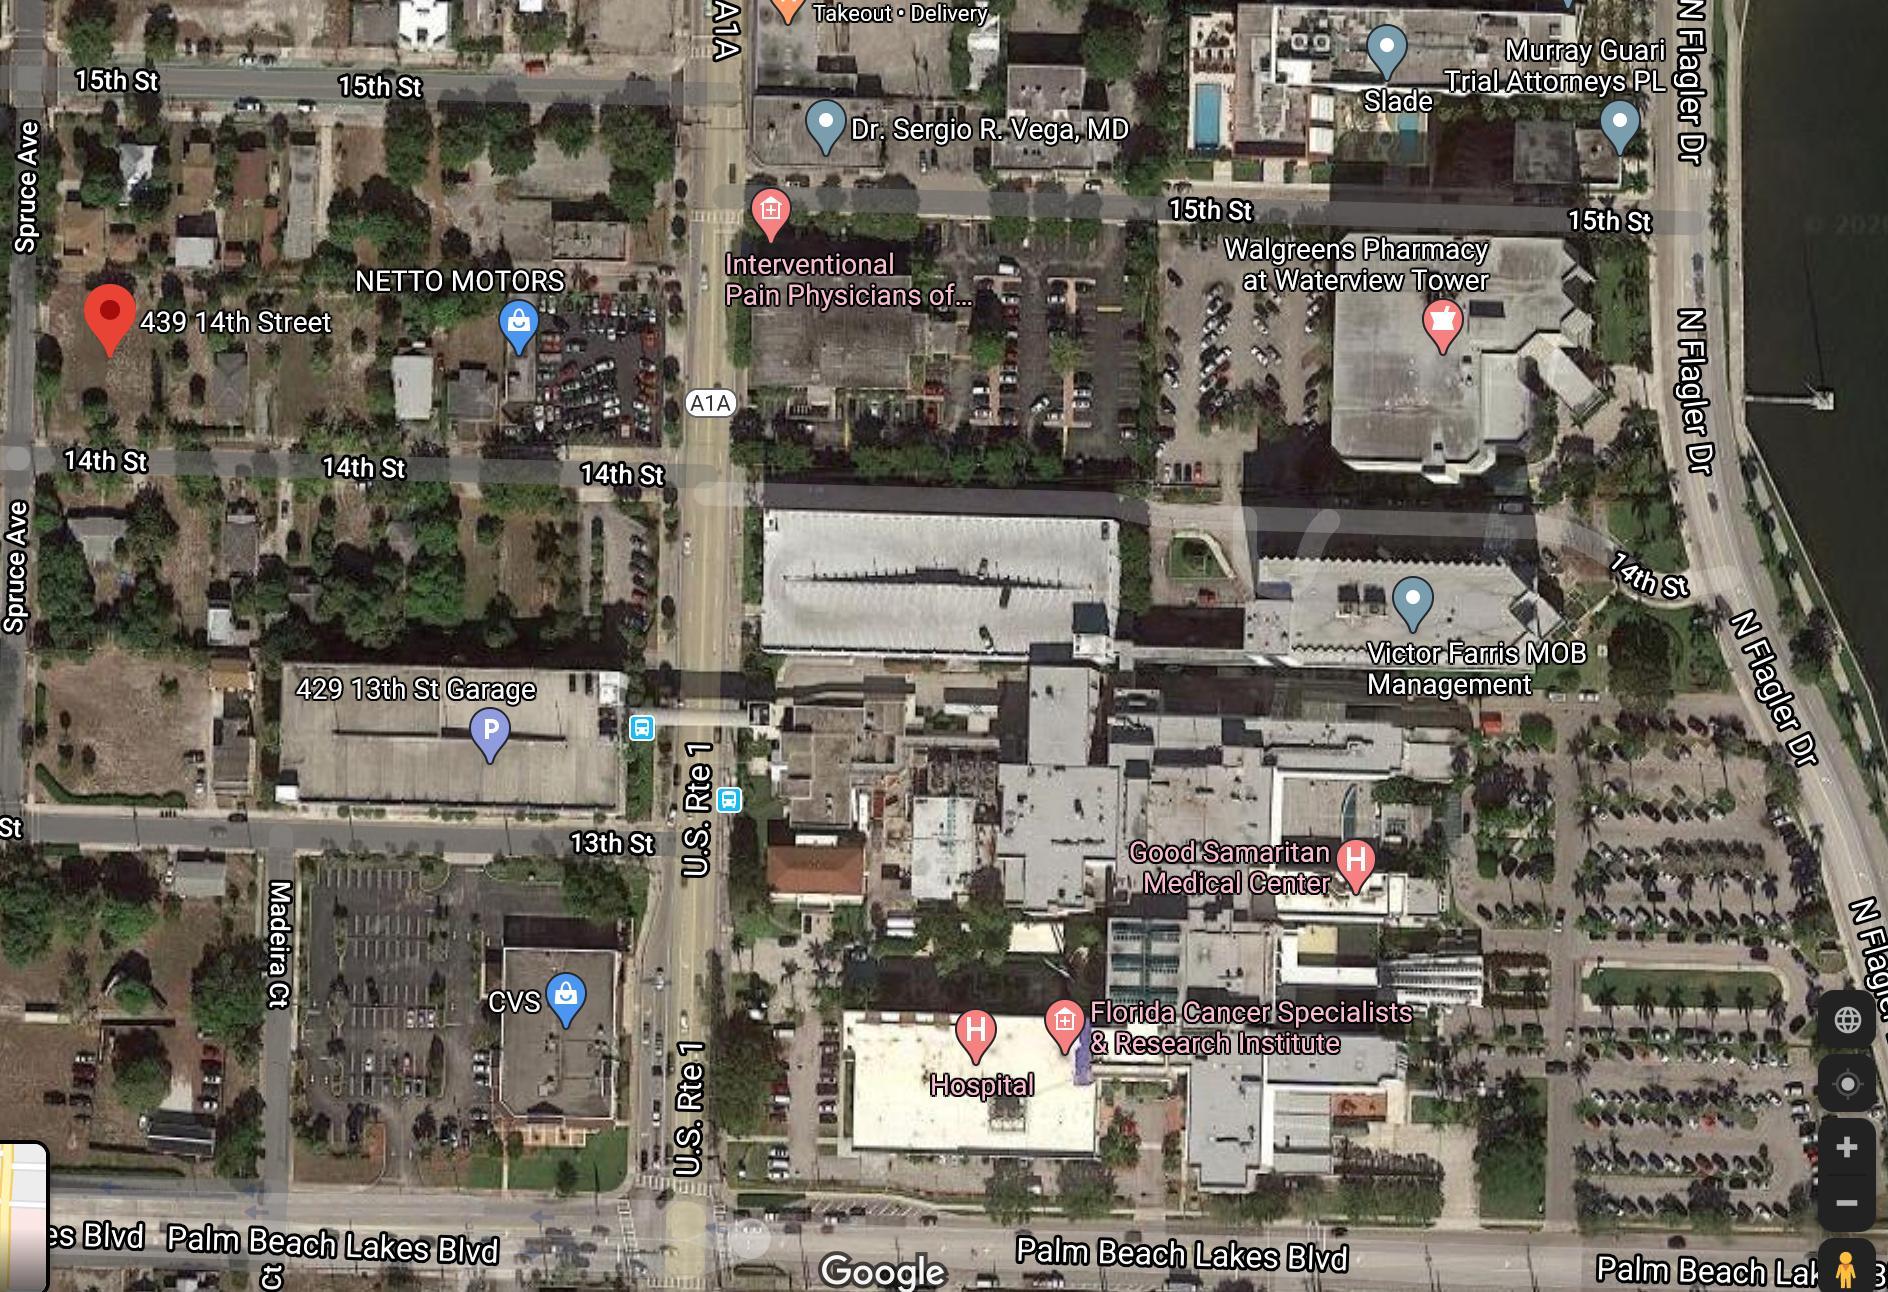 Aerial near Good Sam Hospital